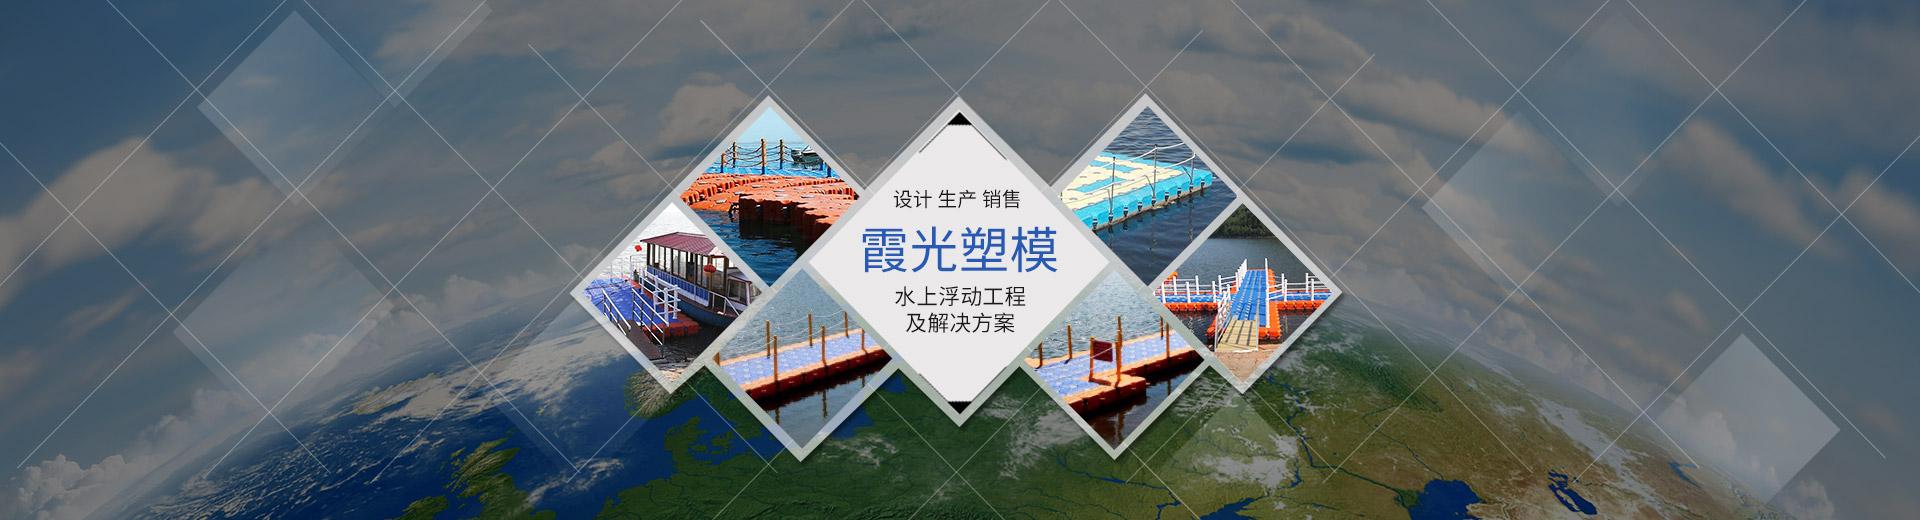 臺州霞光塑模有限公司公司介紹